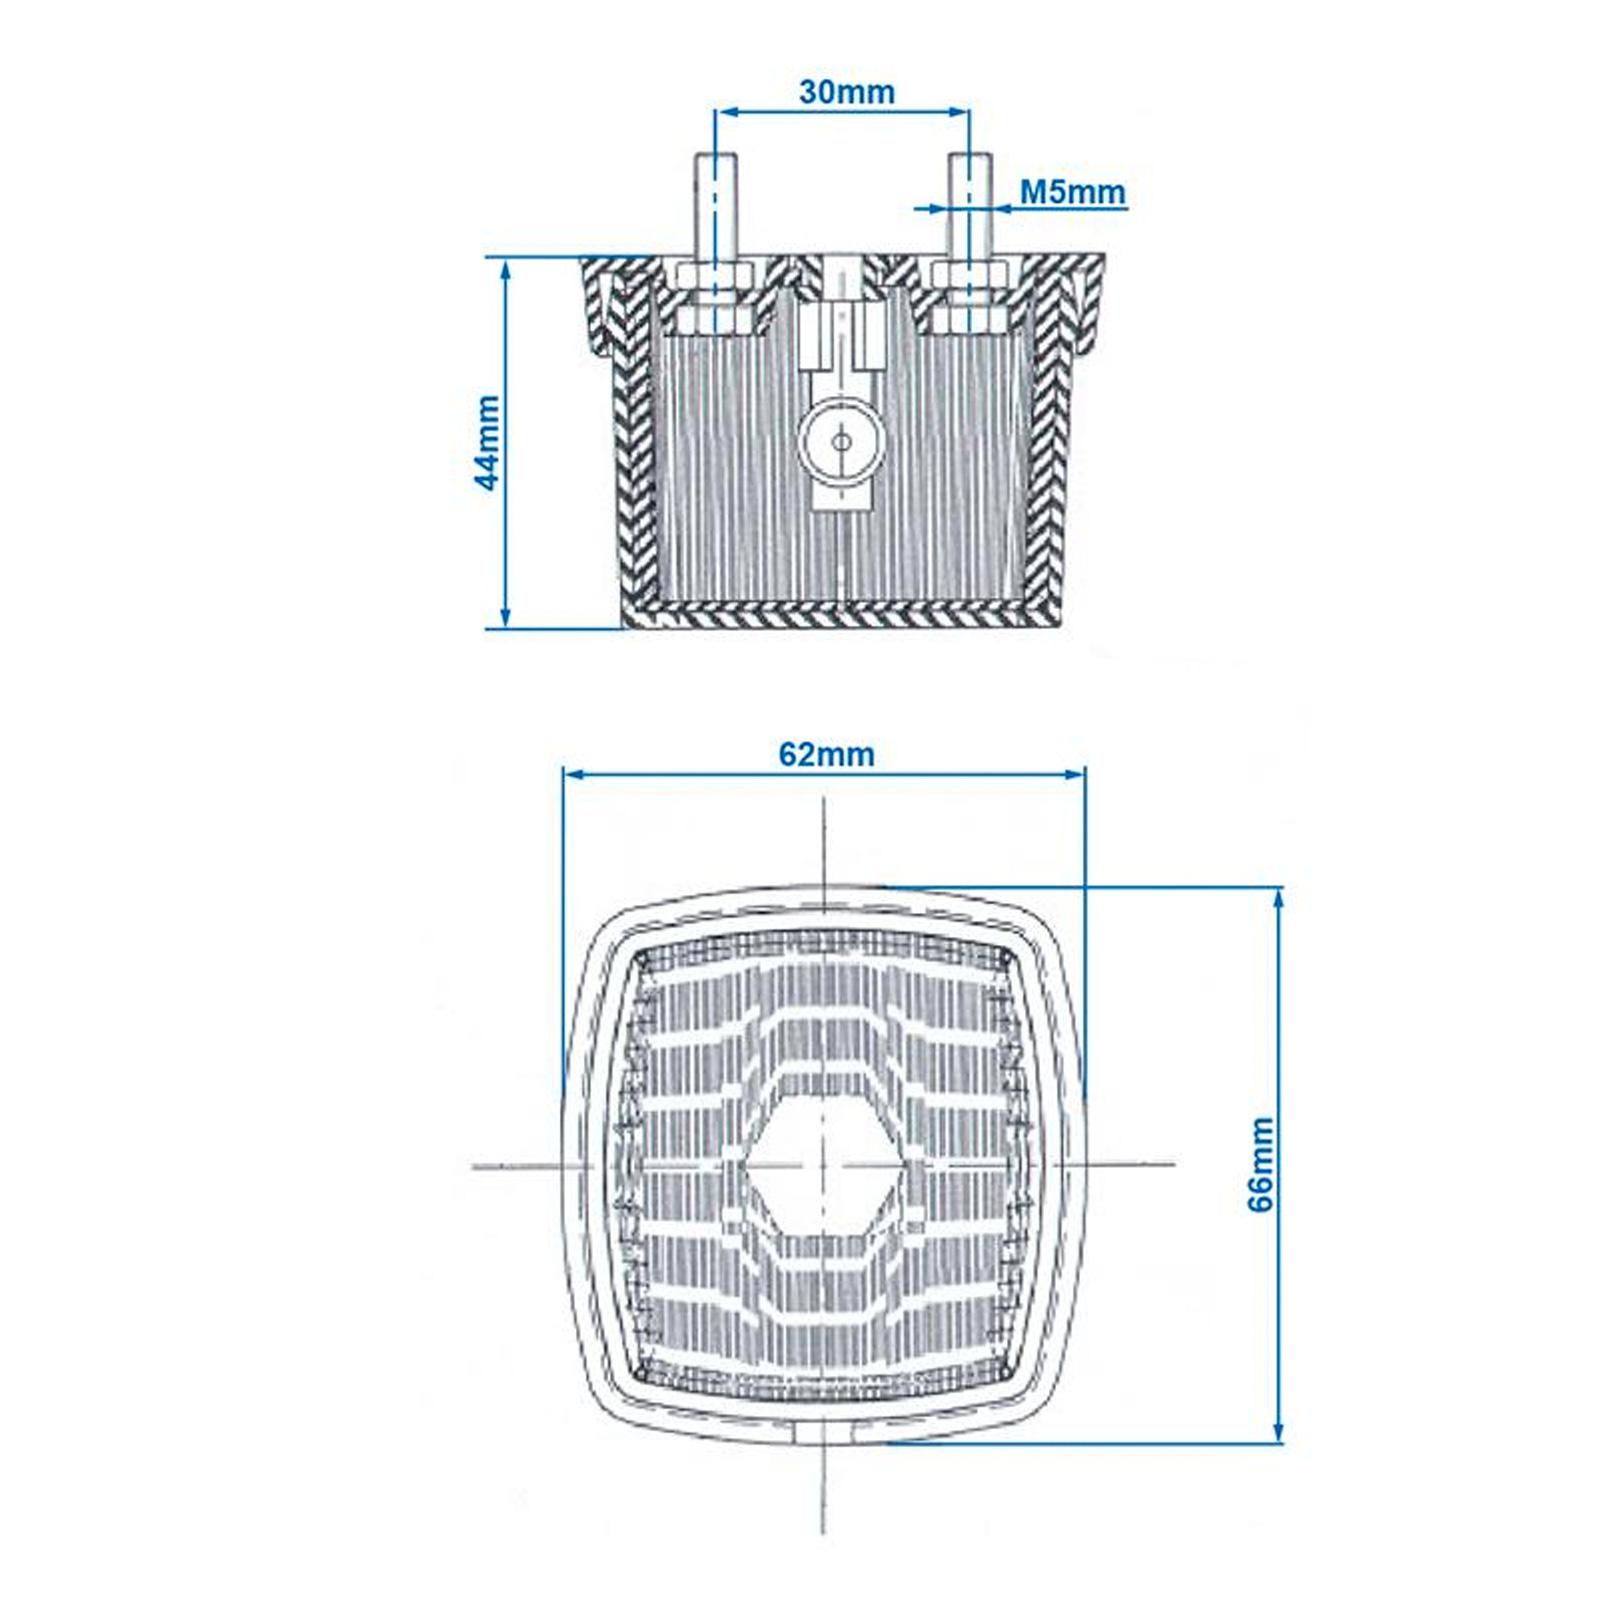 2x Positionsleuchte weiß inkl Befestigungsmaterial & Leuchtmittel